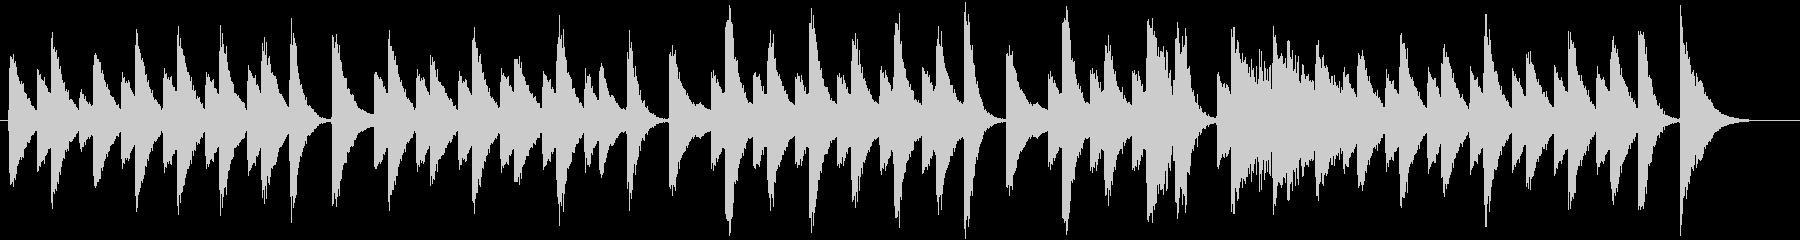 クッキング動画に♪のんびりピアノジングルの未再生の波形